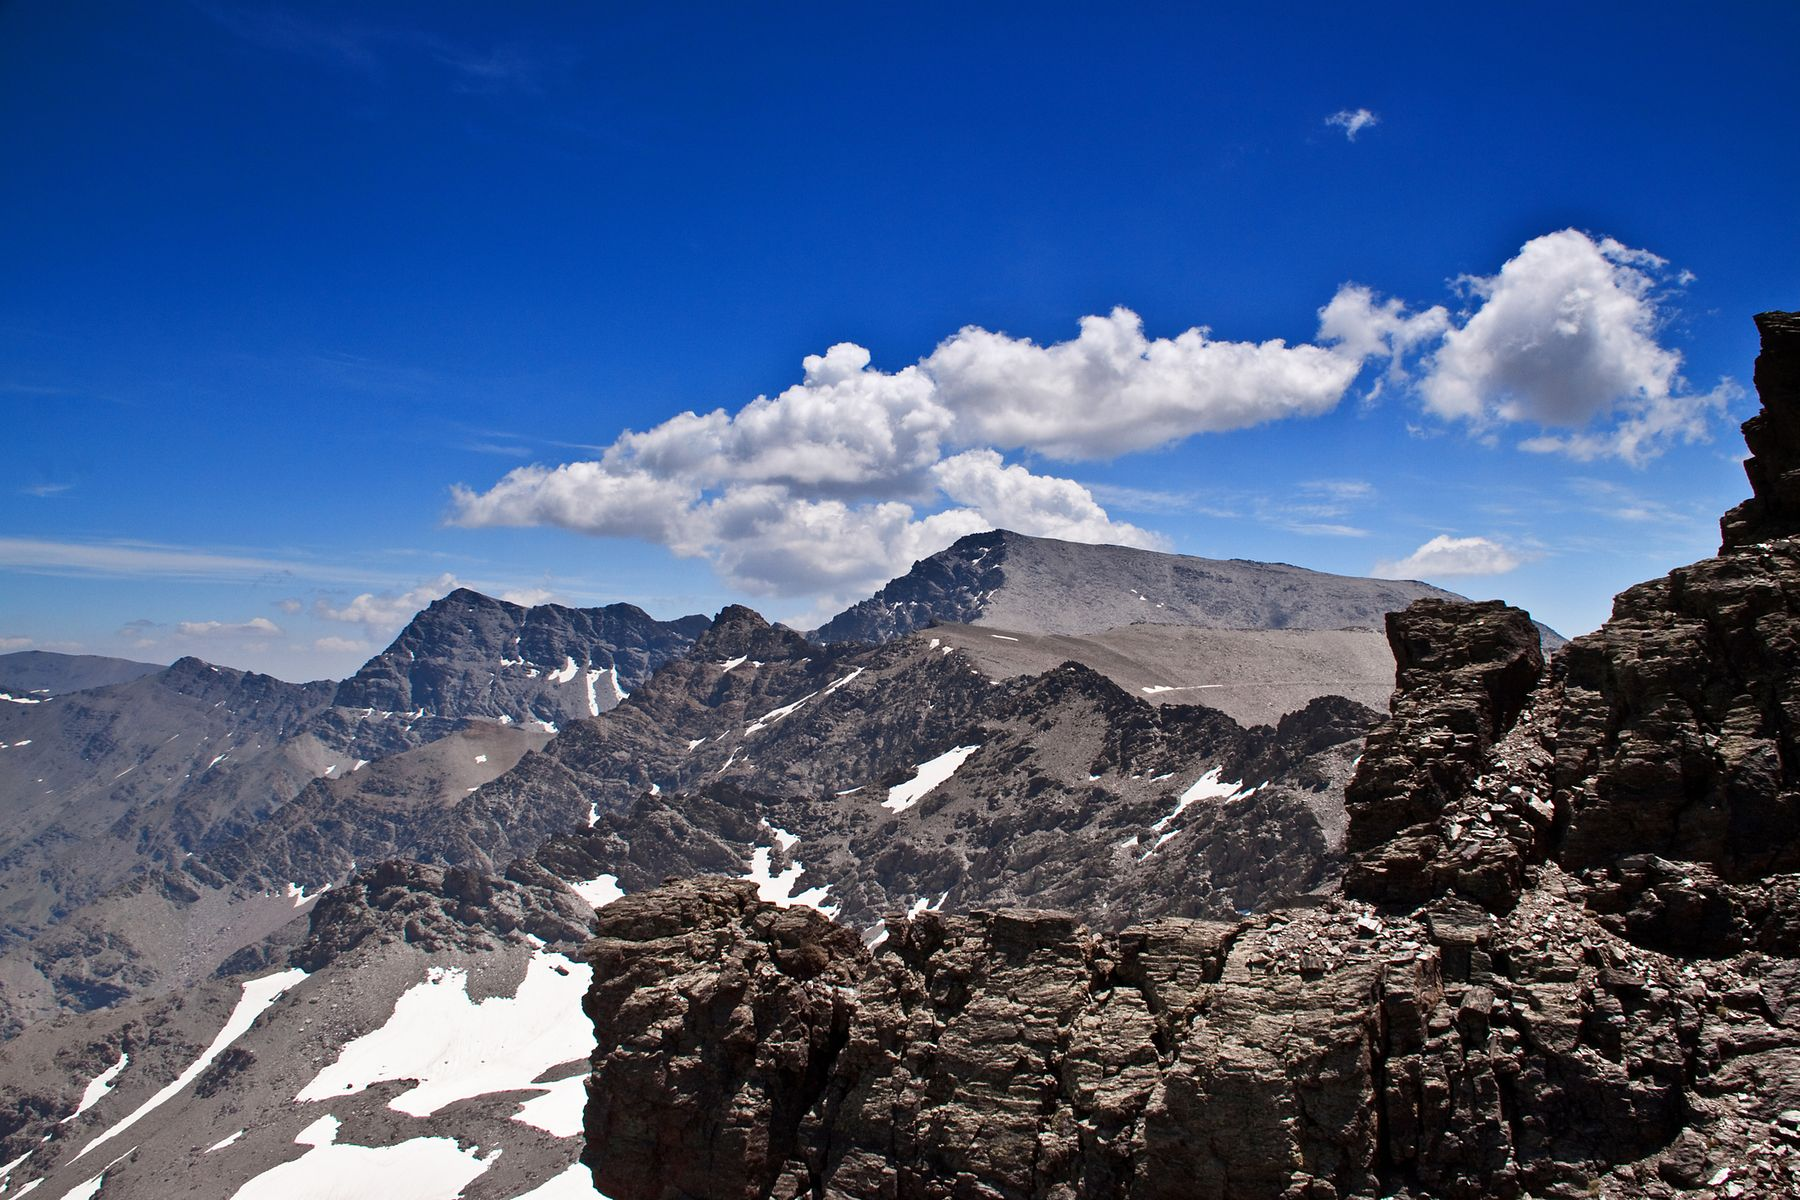 El Mulhacén, de 3.478 metros de altura, es uno de los picos más altos de España